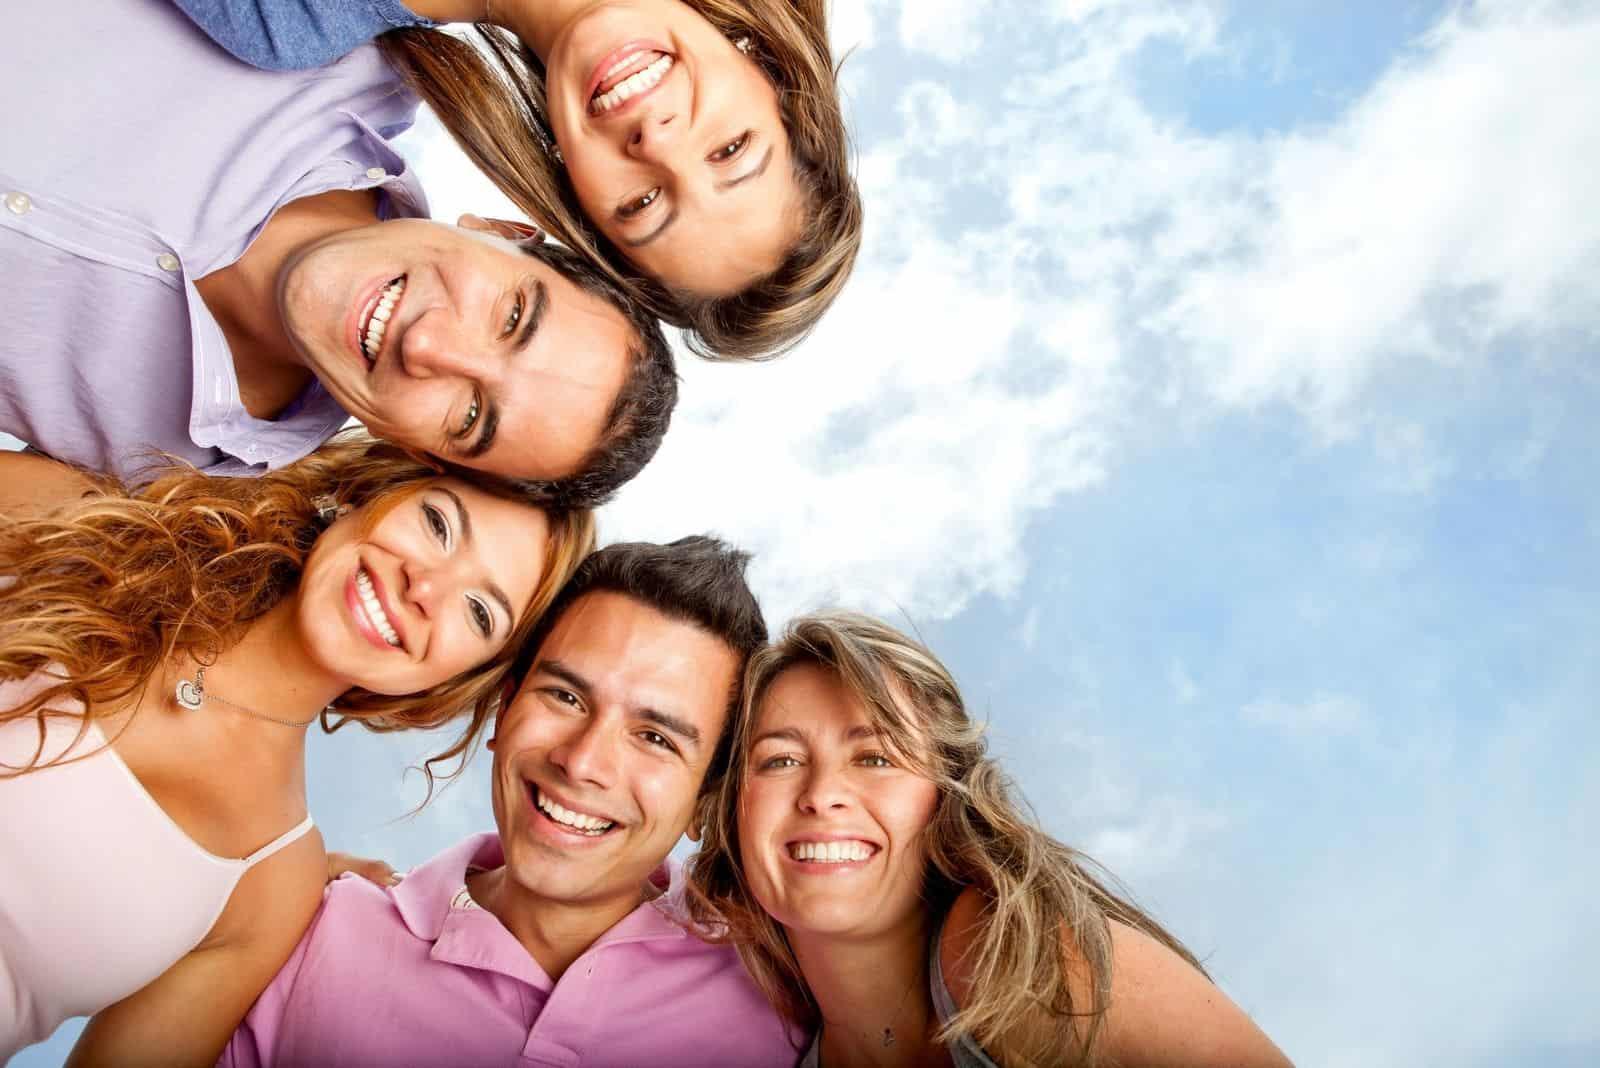 Gruppe glücklicher Menschen nebeneinander in niedrigem Winkel umgeben